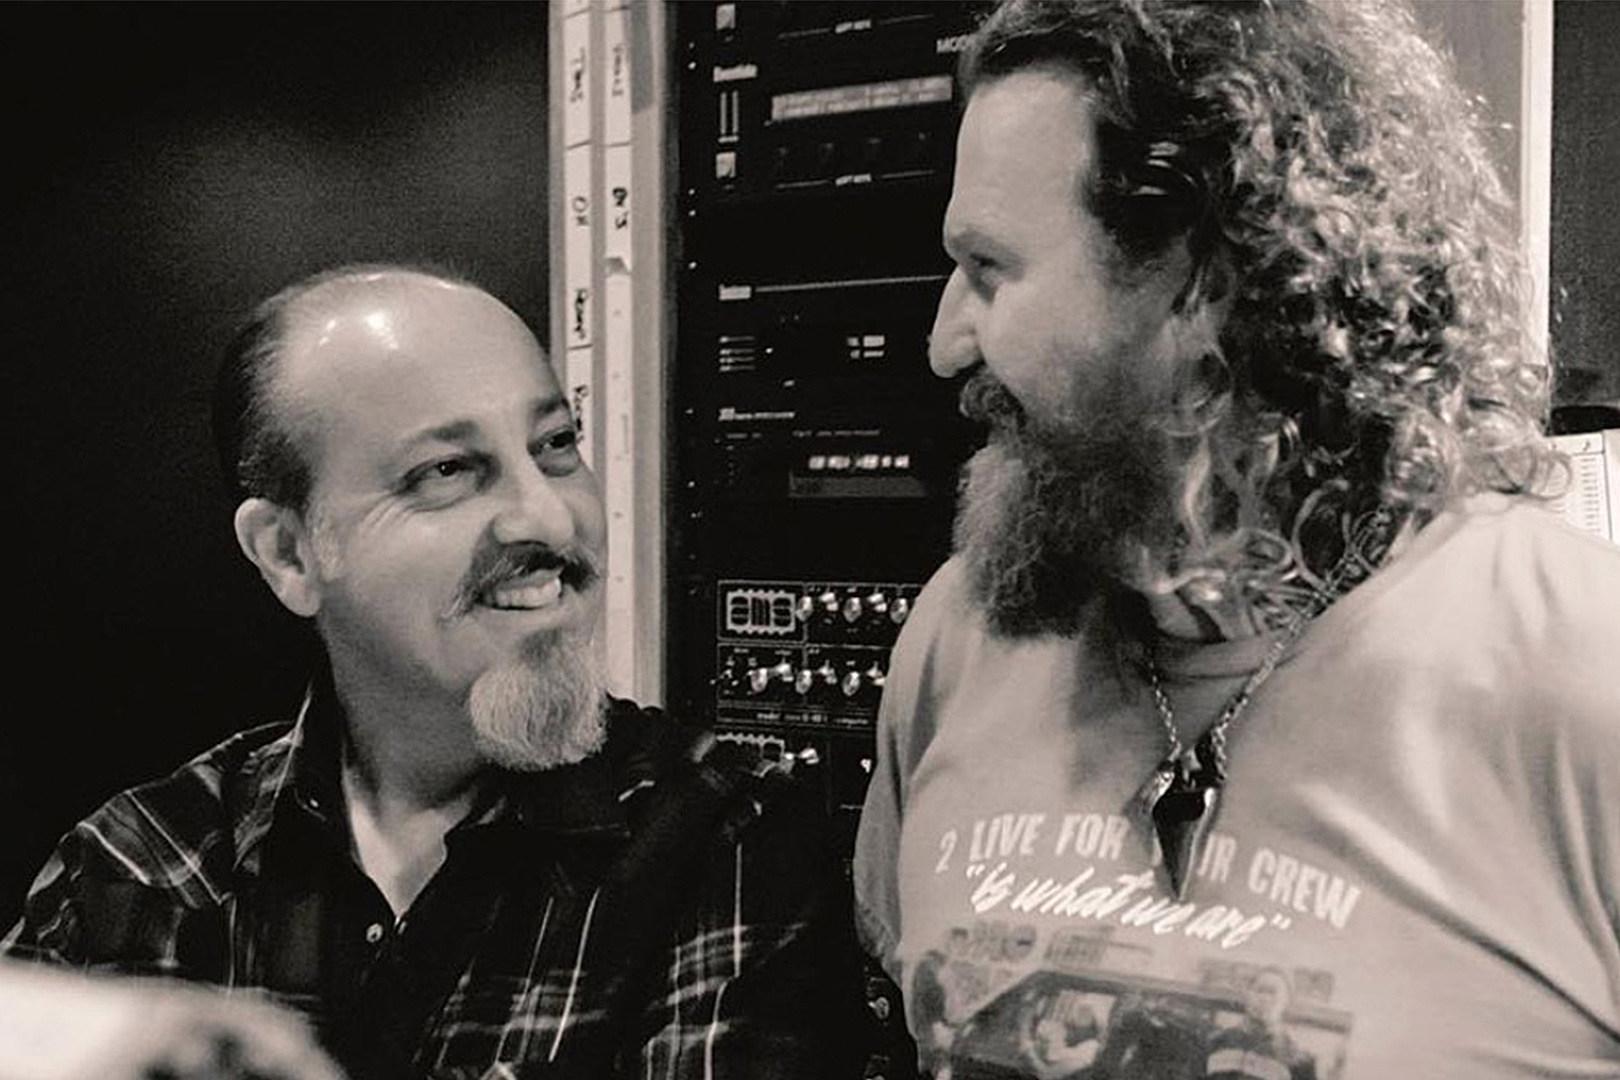 Mastodon's Manager Nick John Dead After Cancer Battle